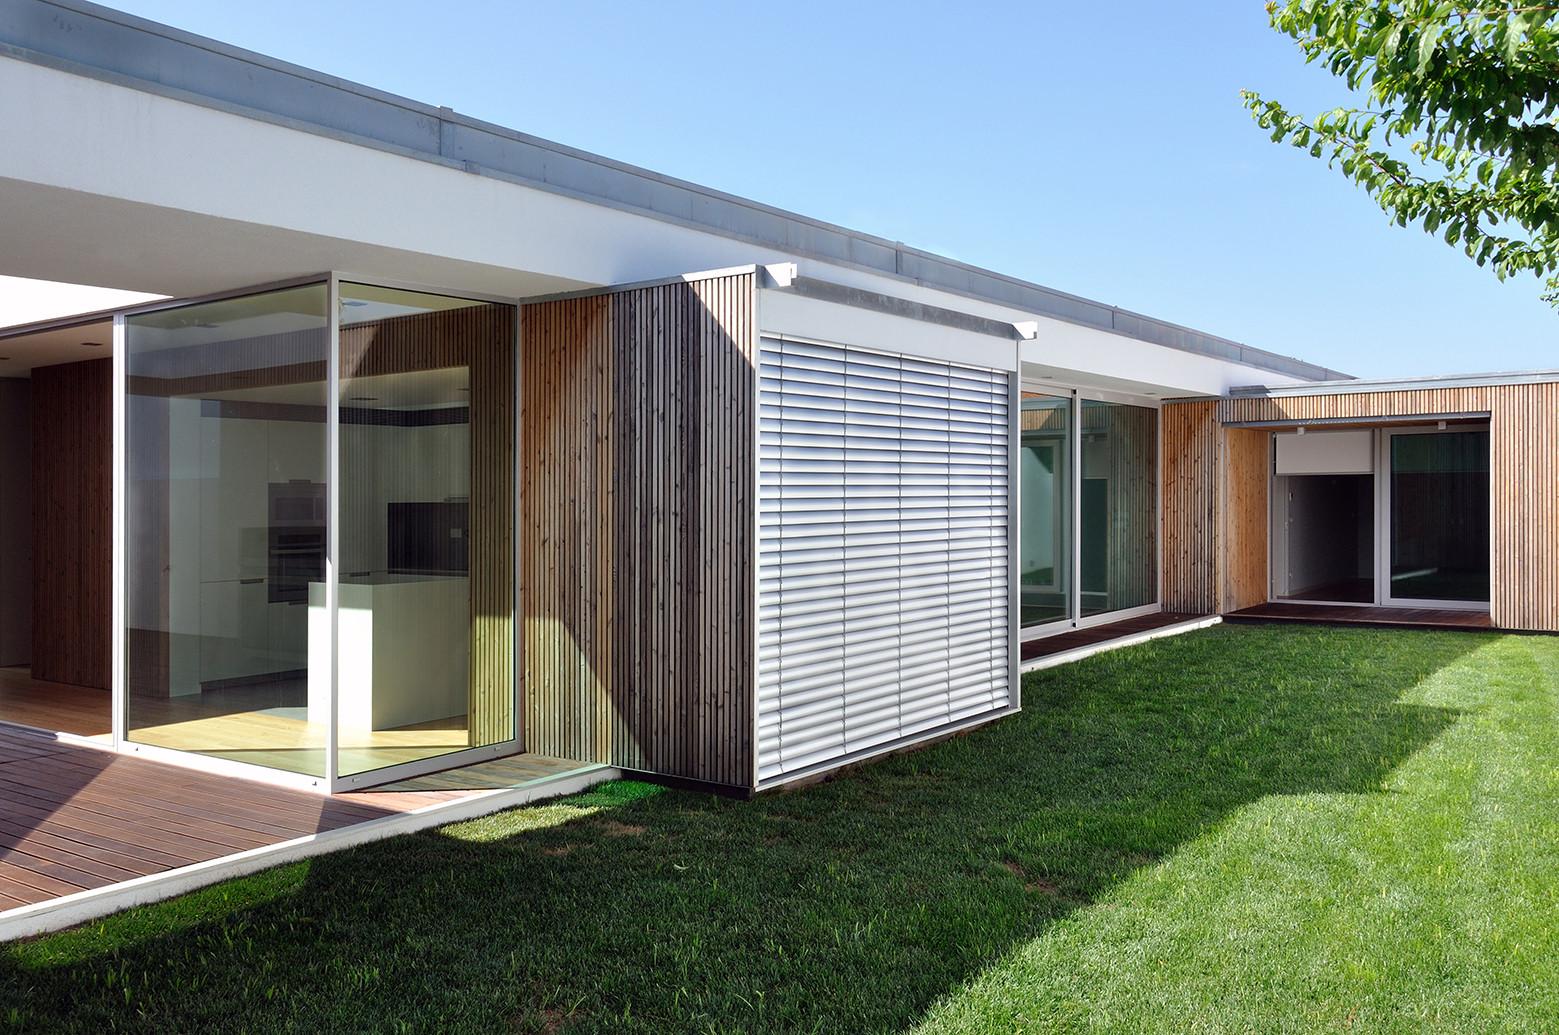 Casa JR / M2.senos arquitectos, © José Carlos Melo Dias